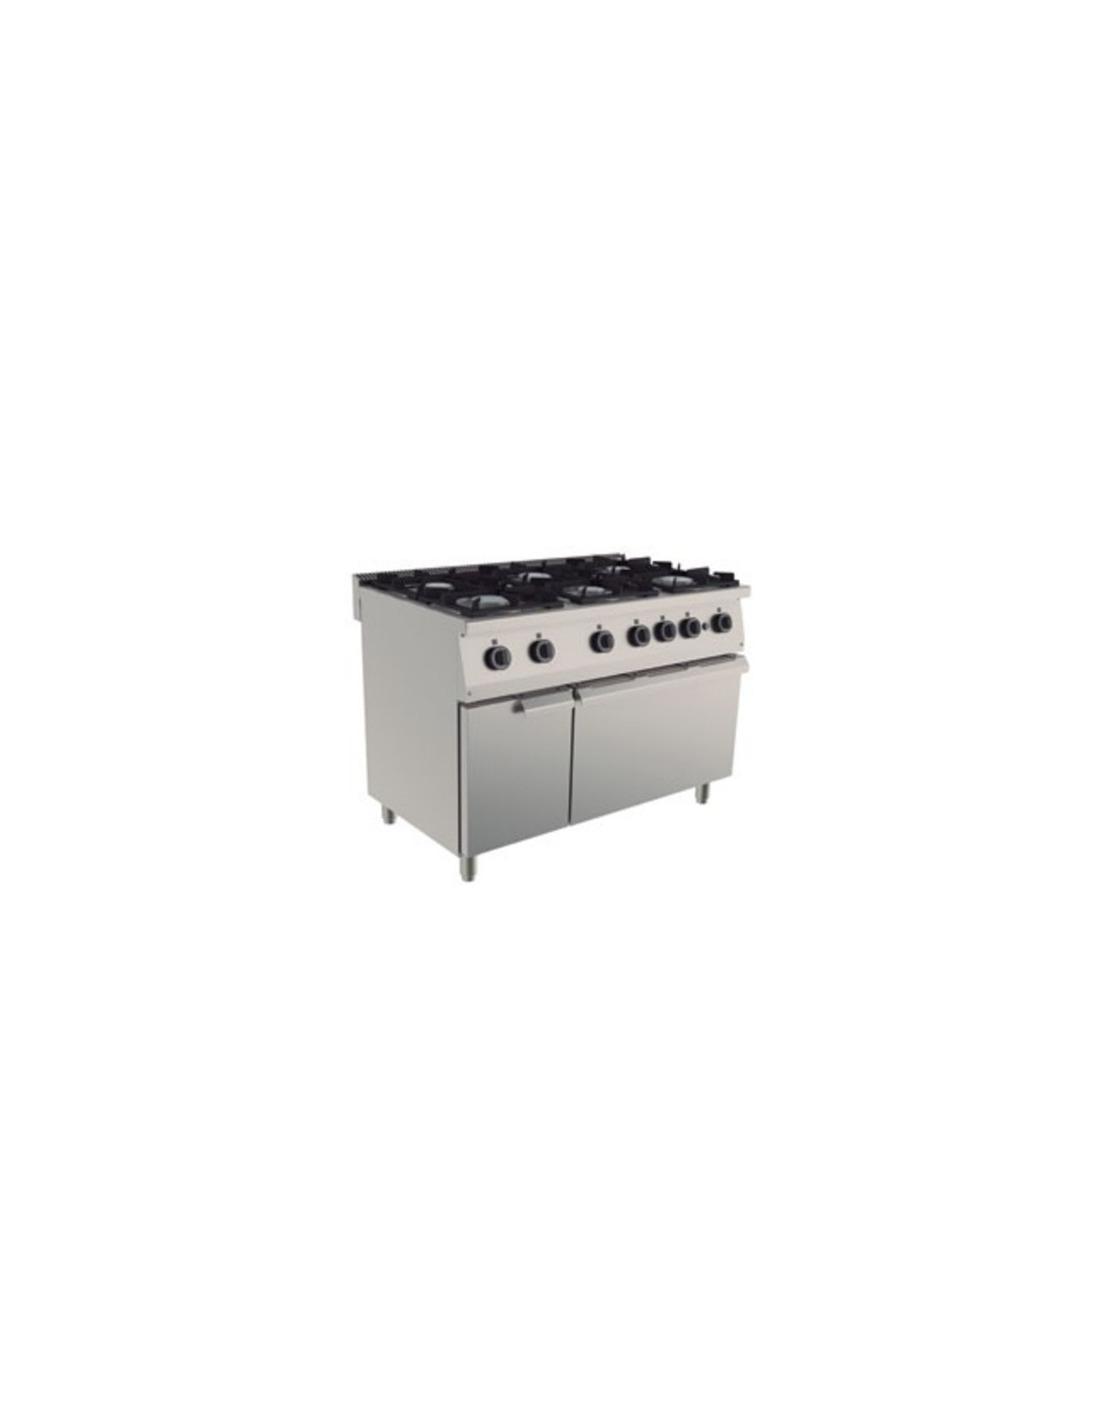 cocina industrial 6 fuegos On cocina 6 fuegos industrial